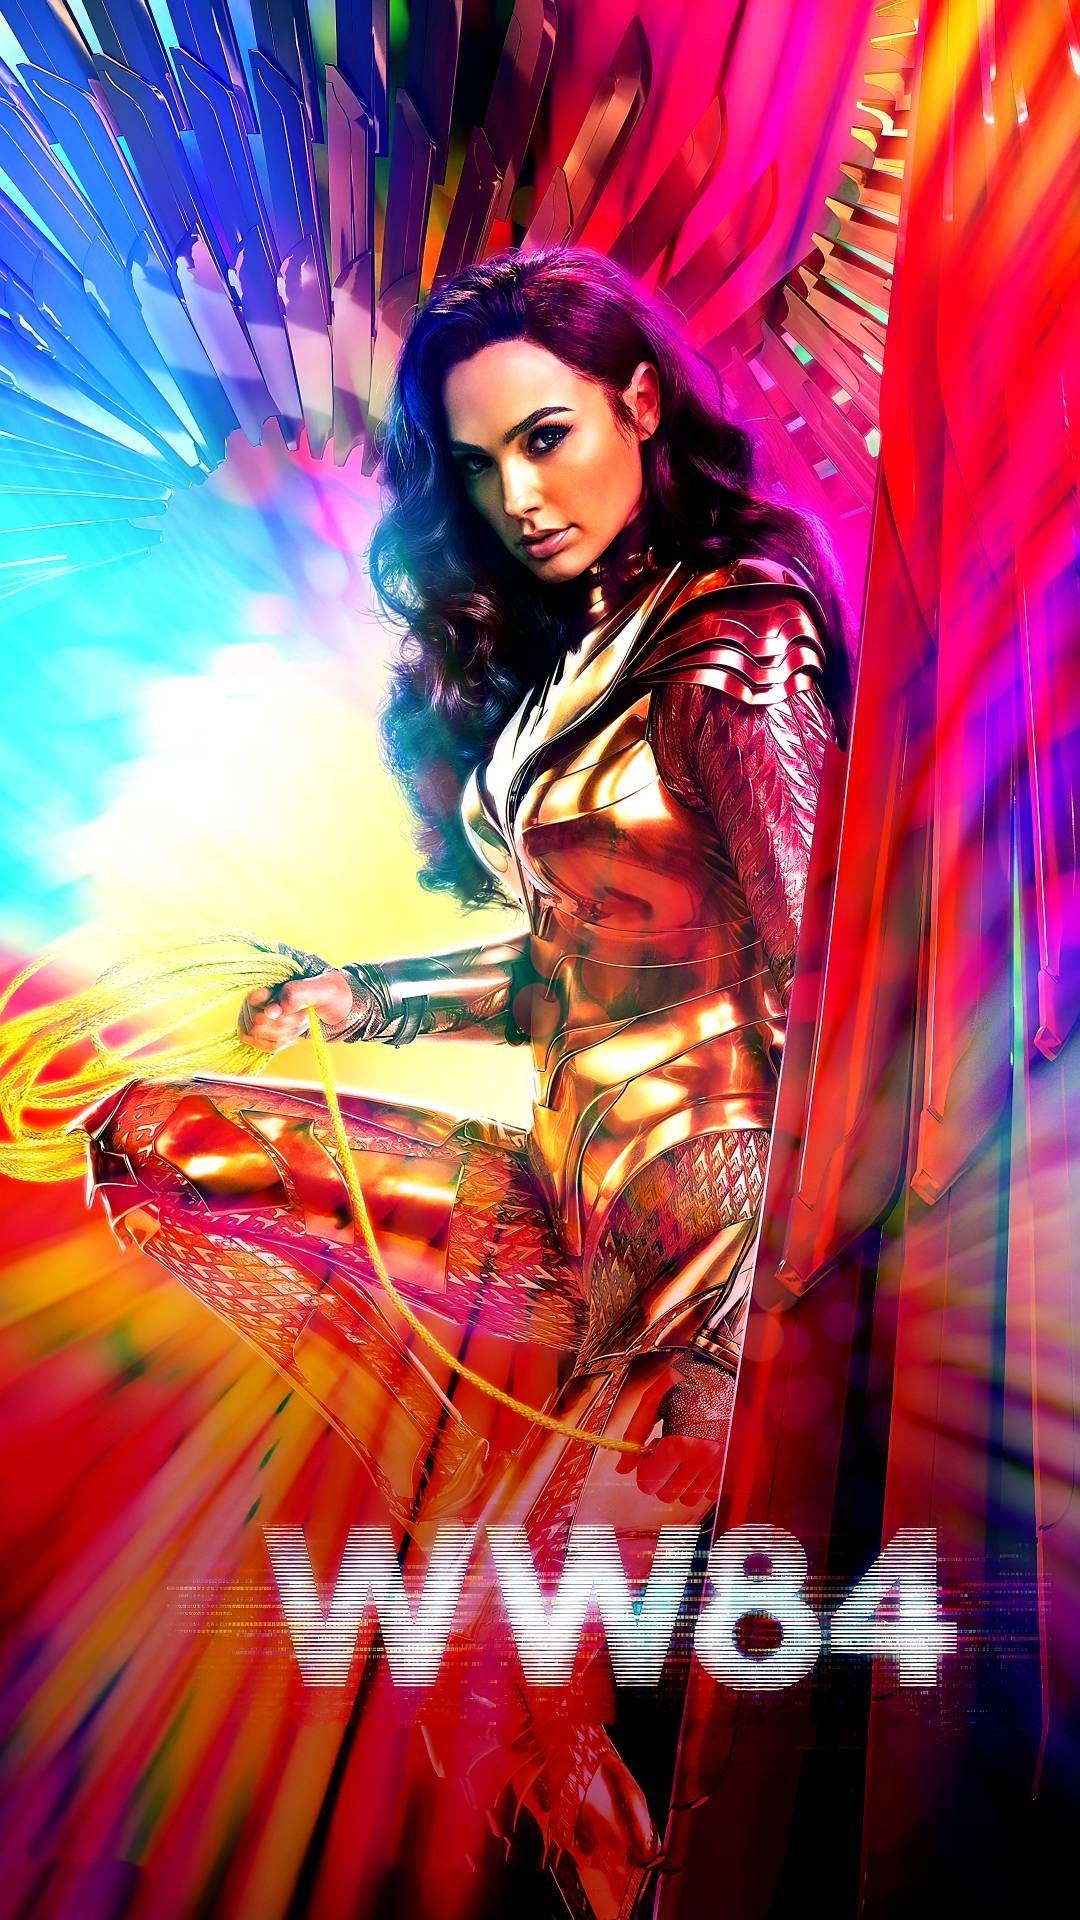 Wonder Woman 1984 By Daniel261983 On Deviantart In 2020 Gal Gadot Wonder Woman Wonder Woman Movie Wonder Woman